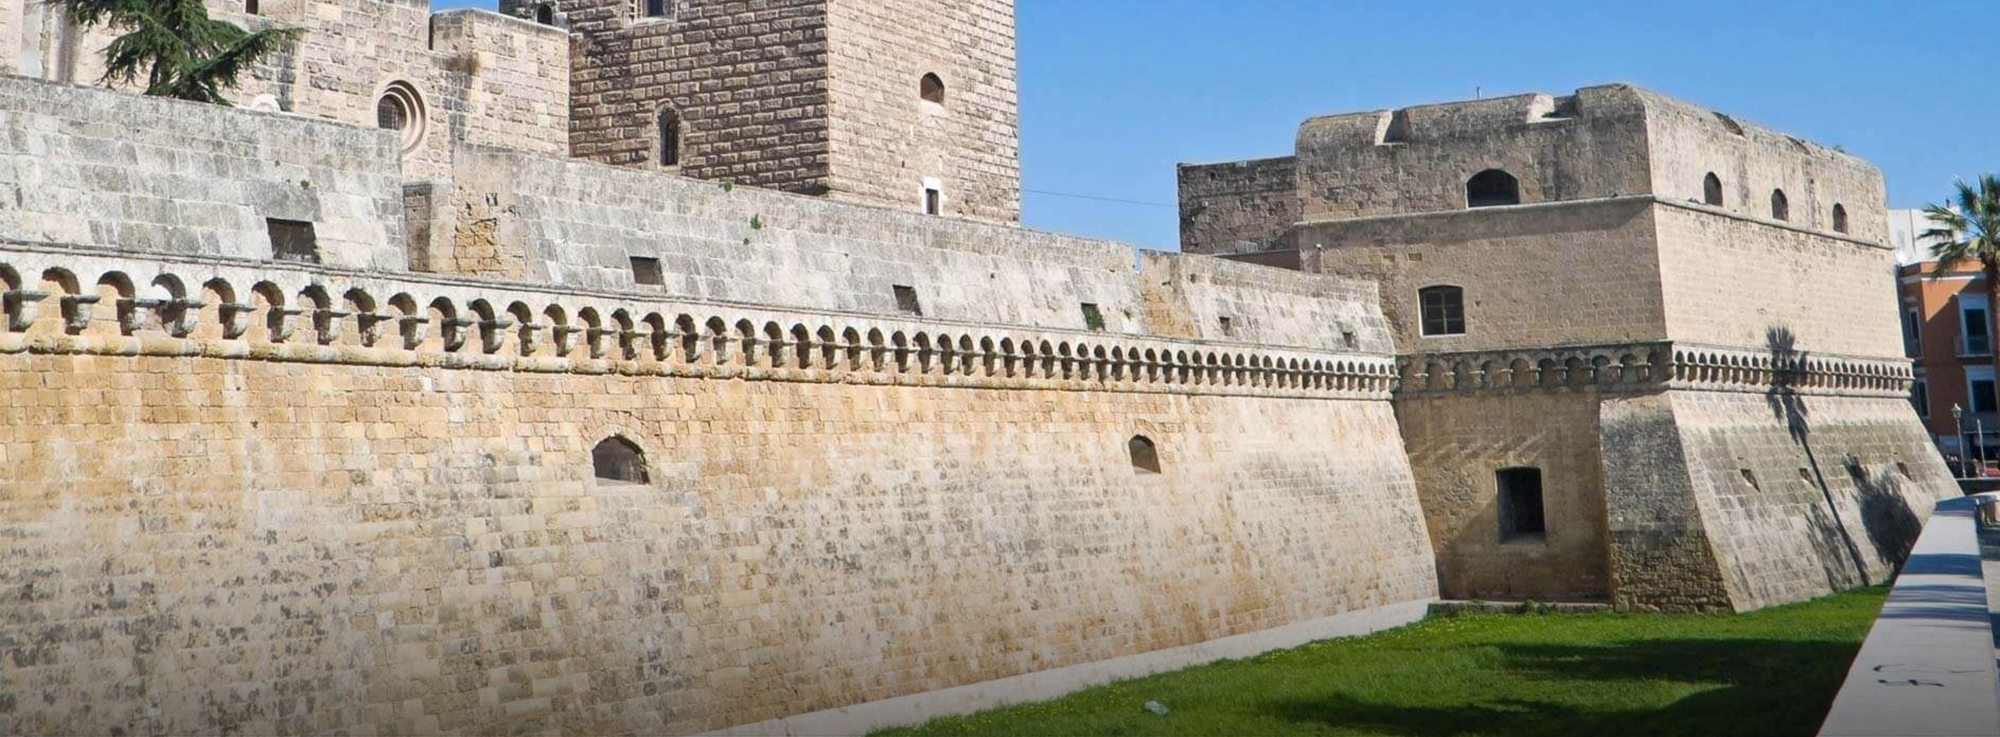 Bari: Apertura straordinaria del Castello normanno svevo di Bari